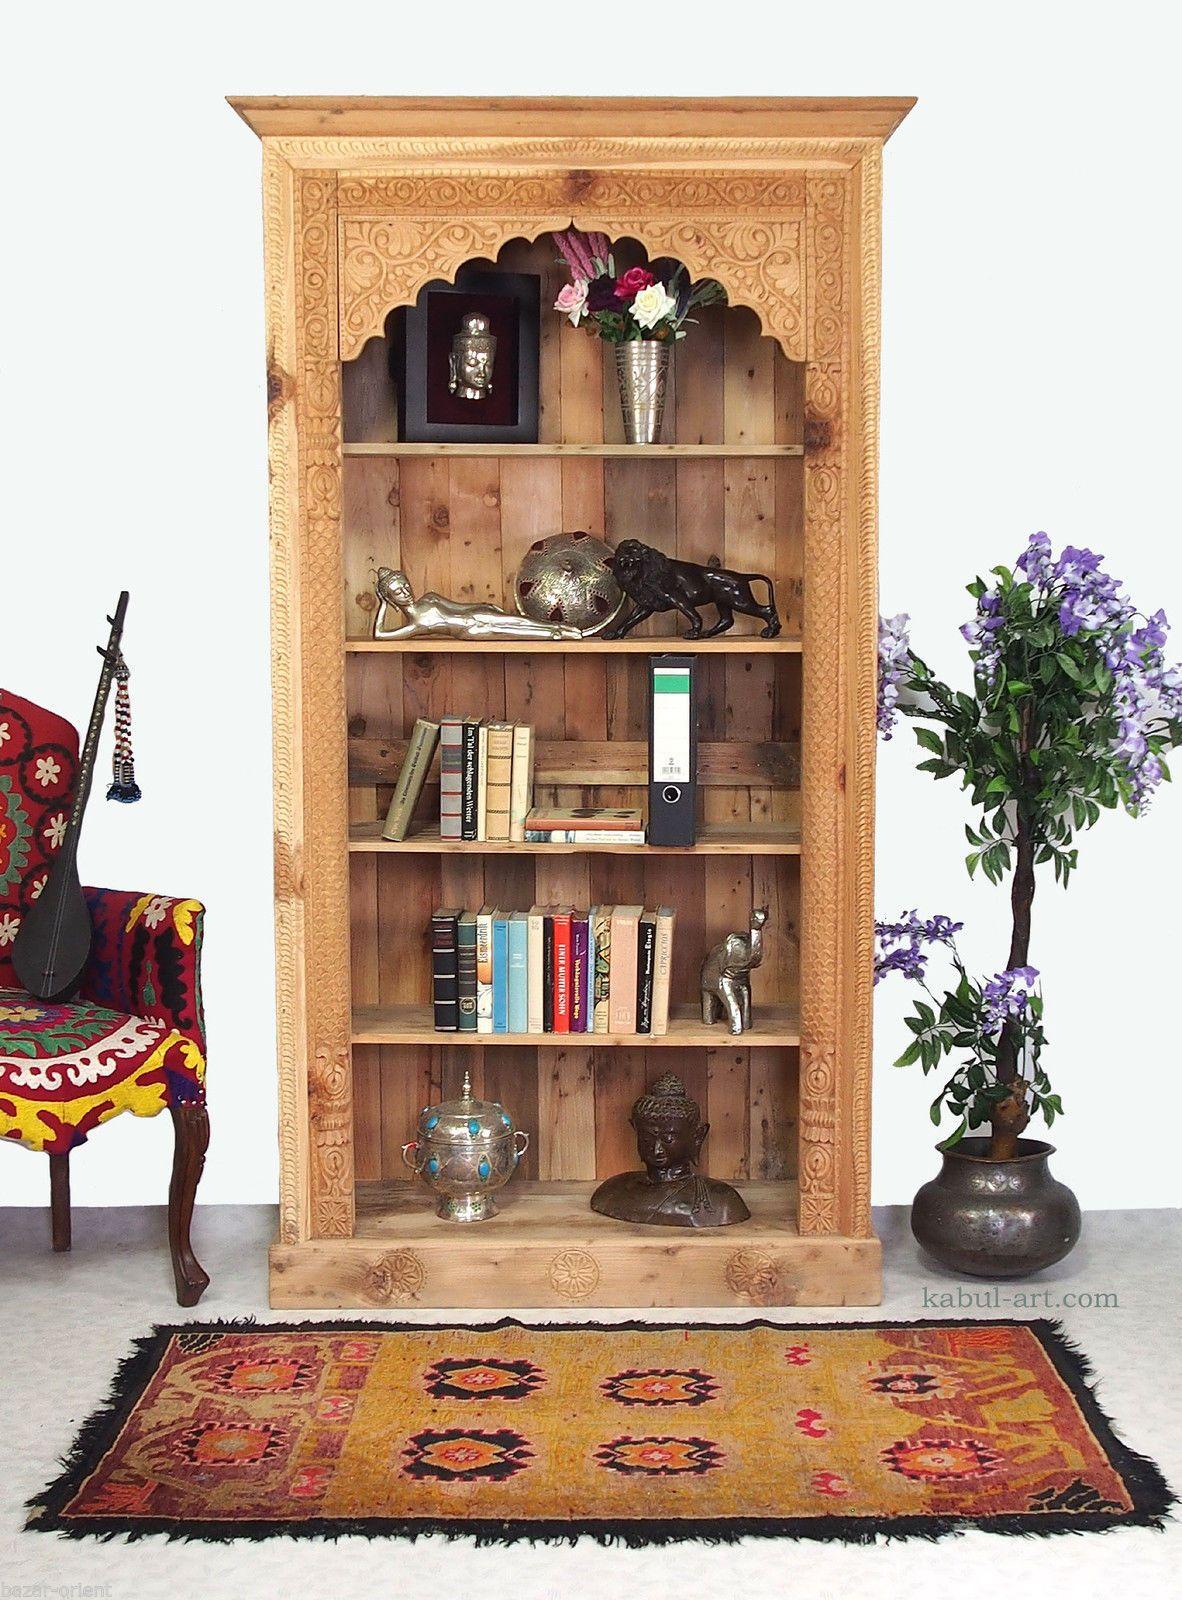 200x100 cm orient Landhaus Regal Bücherregal Wandregal Schrank bauernschrank NTU | eBay